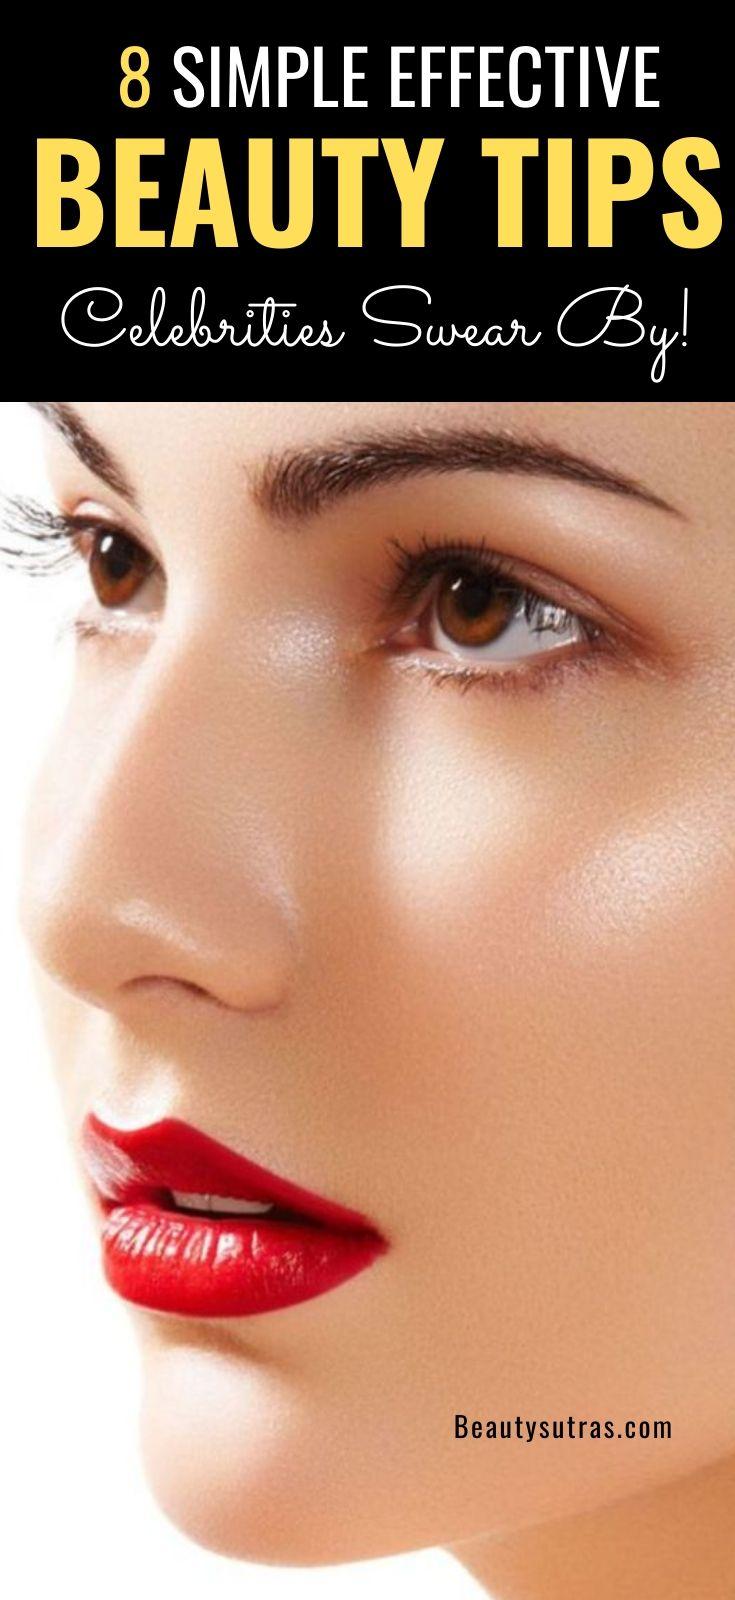 12 Simple Beauty Tips Celebrities Swear by - BeautySutras